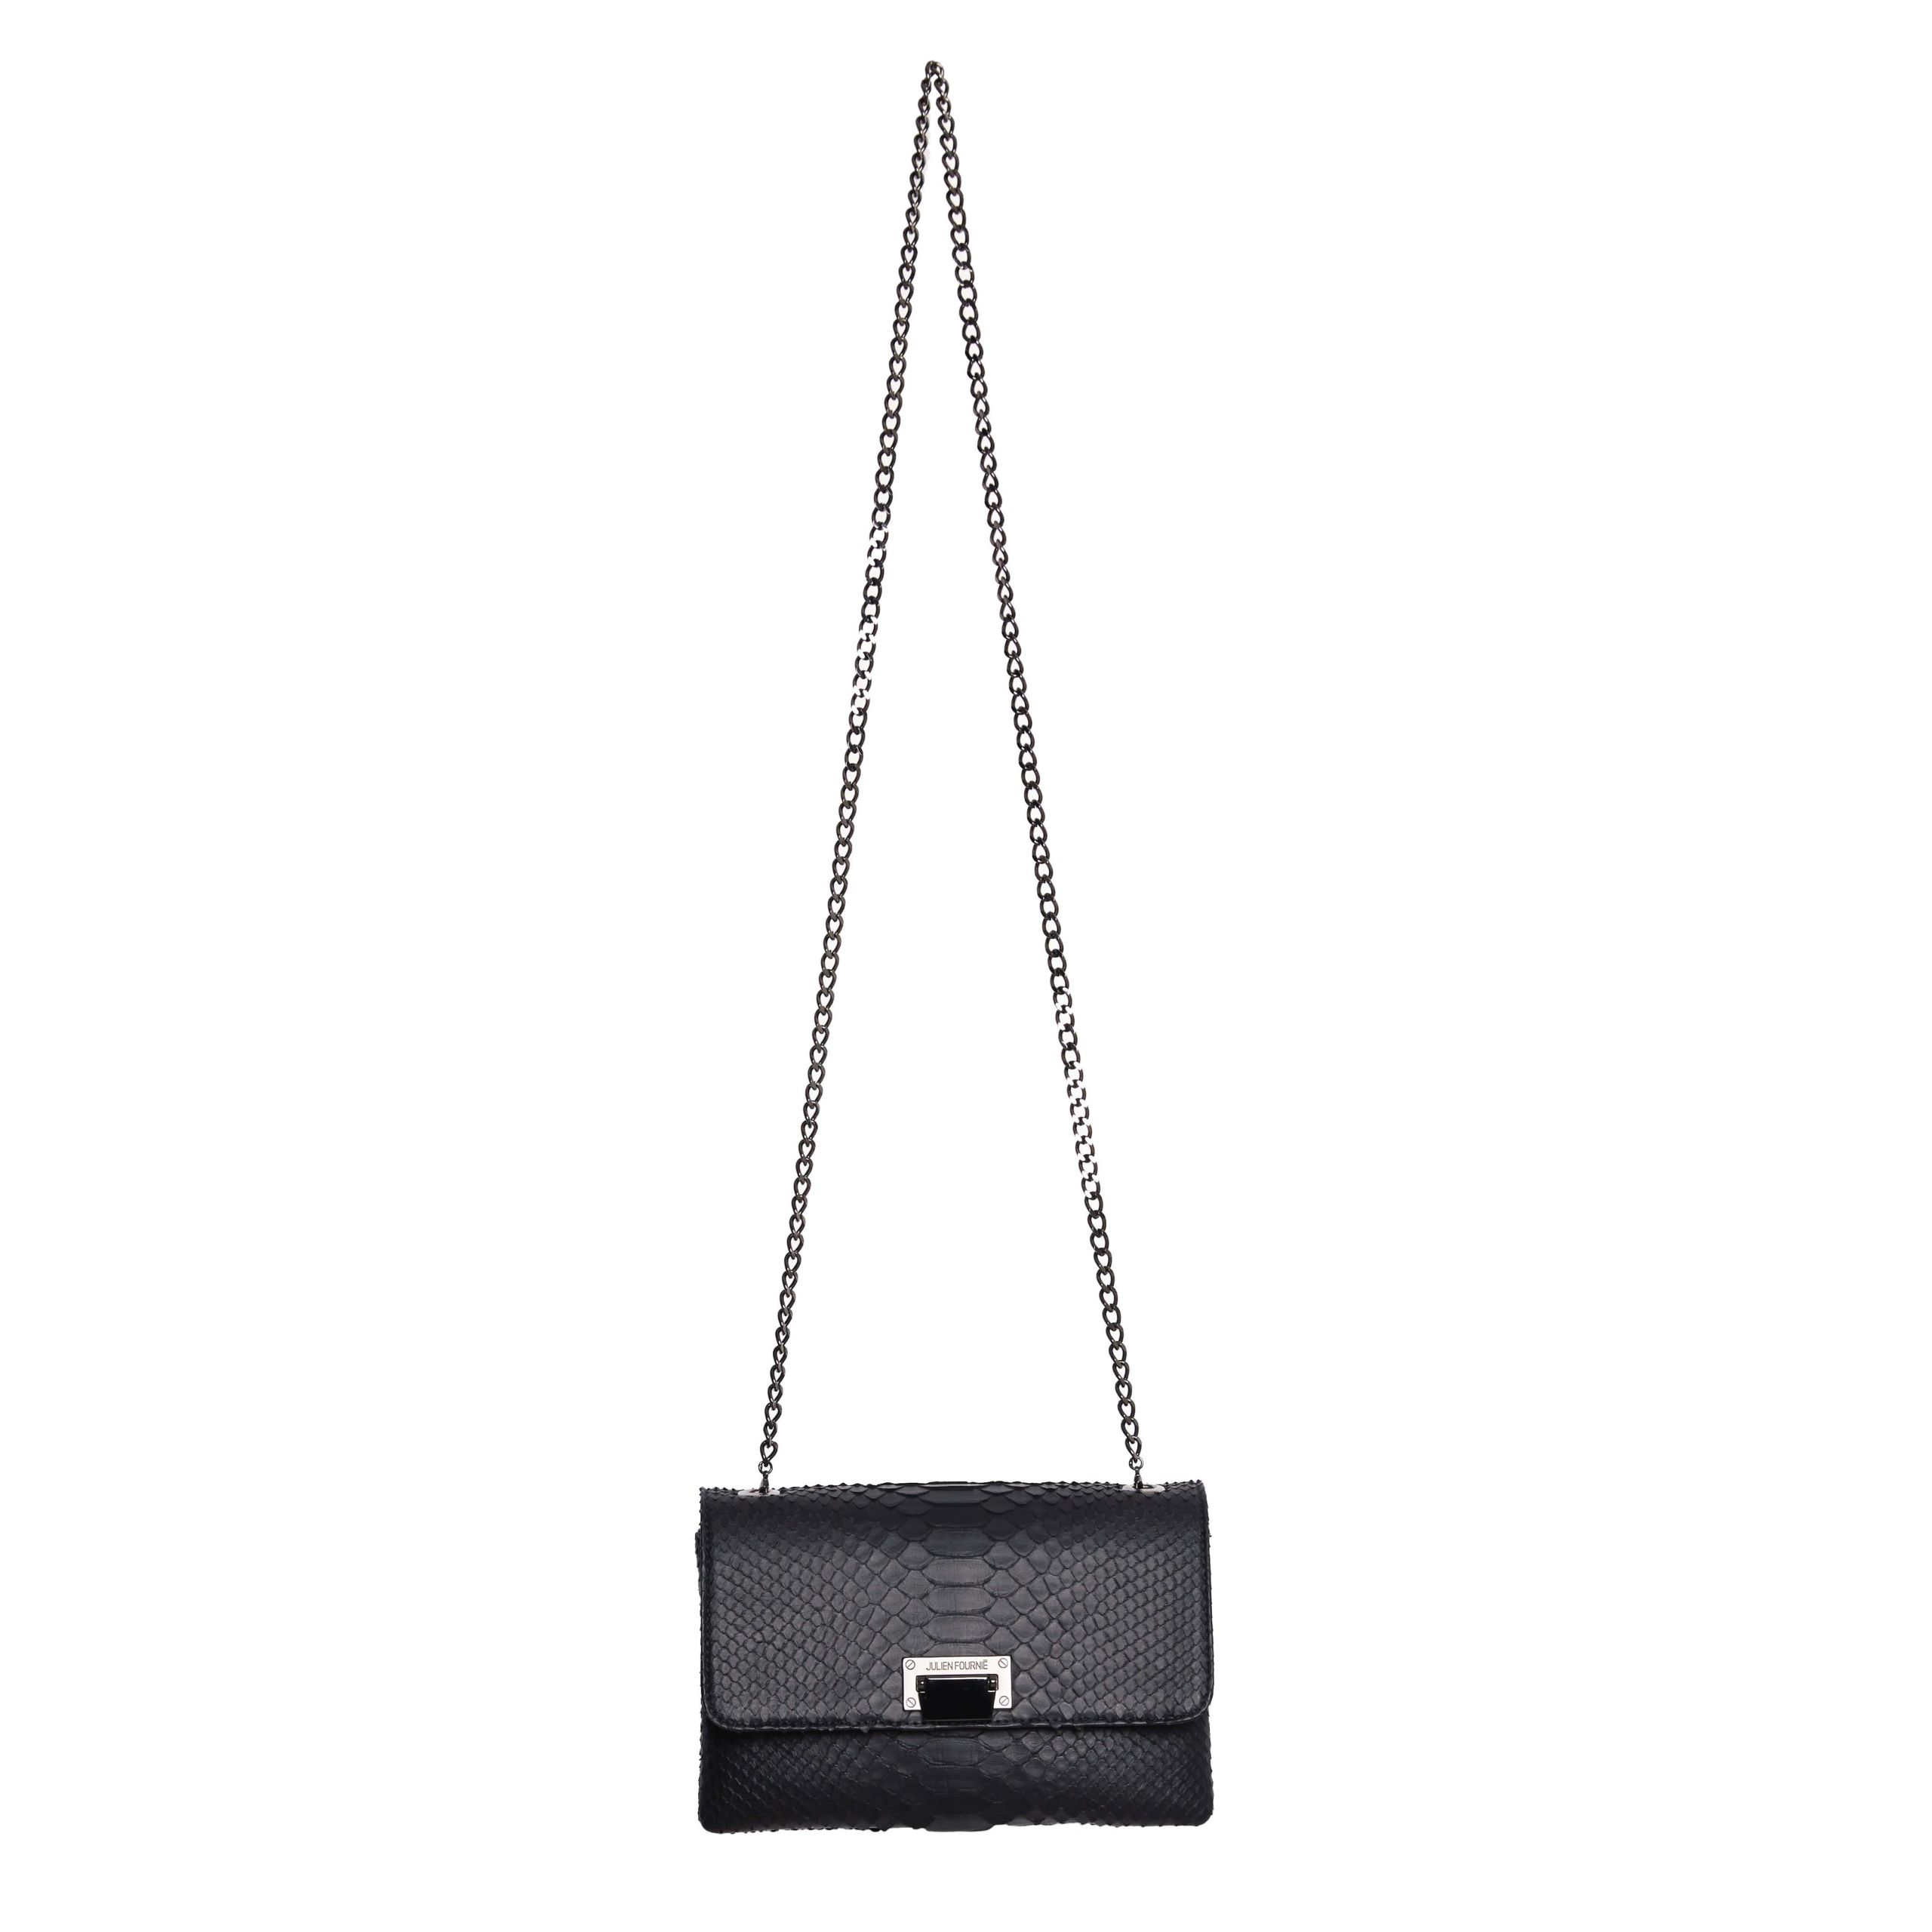 Deep Black Luxury Python Julien Fournié Haute Couture Handbag